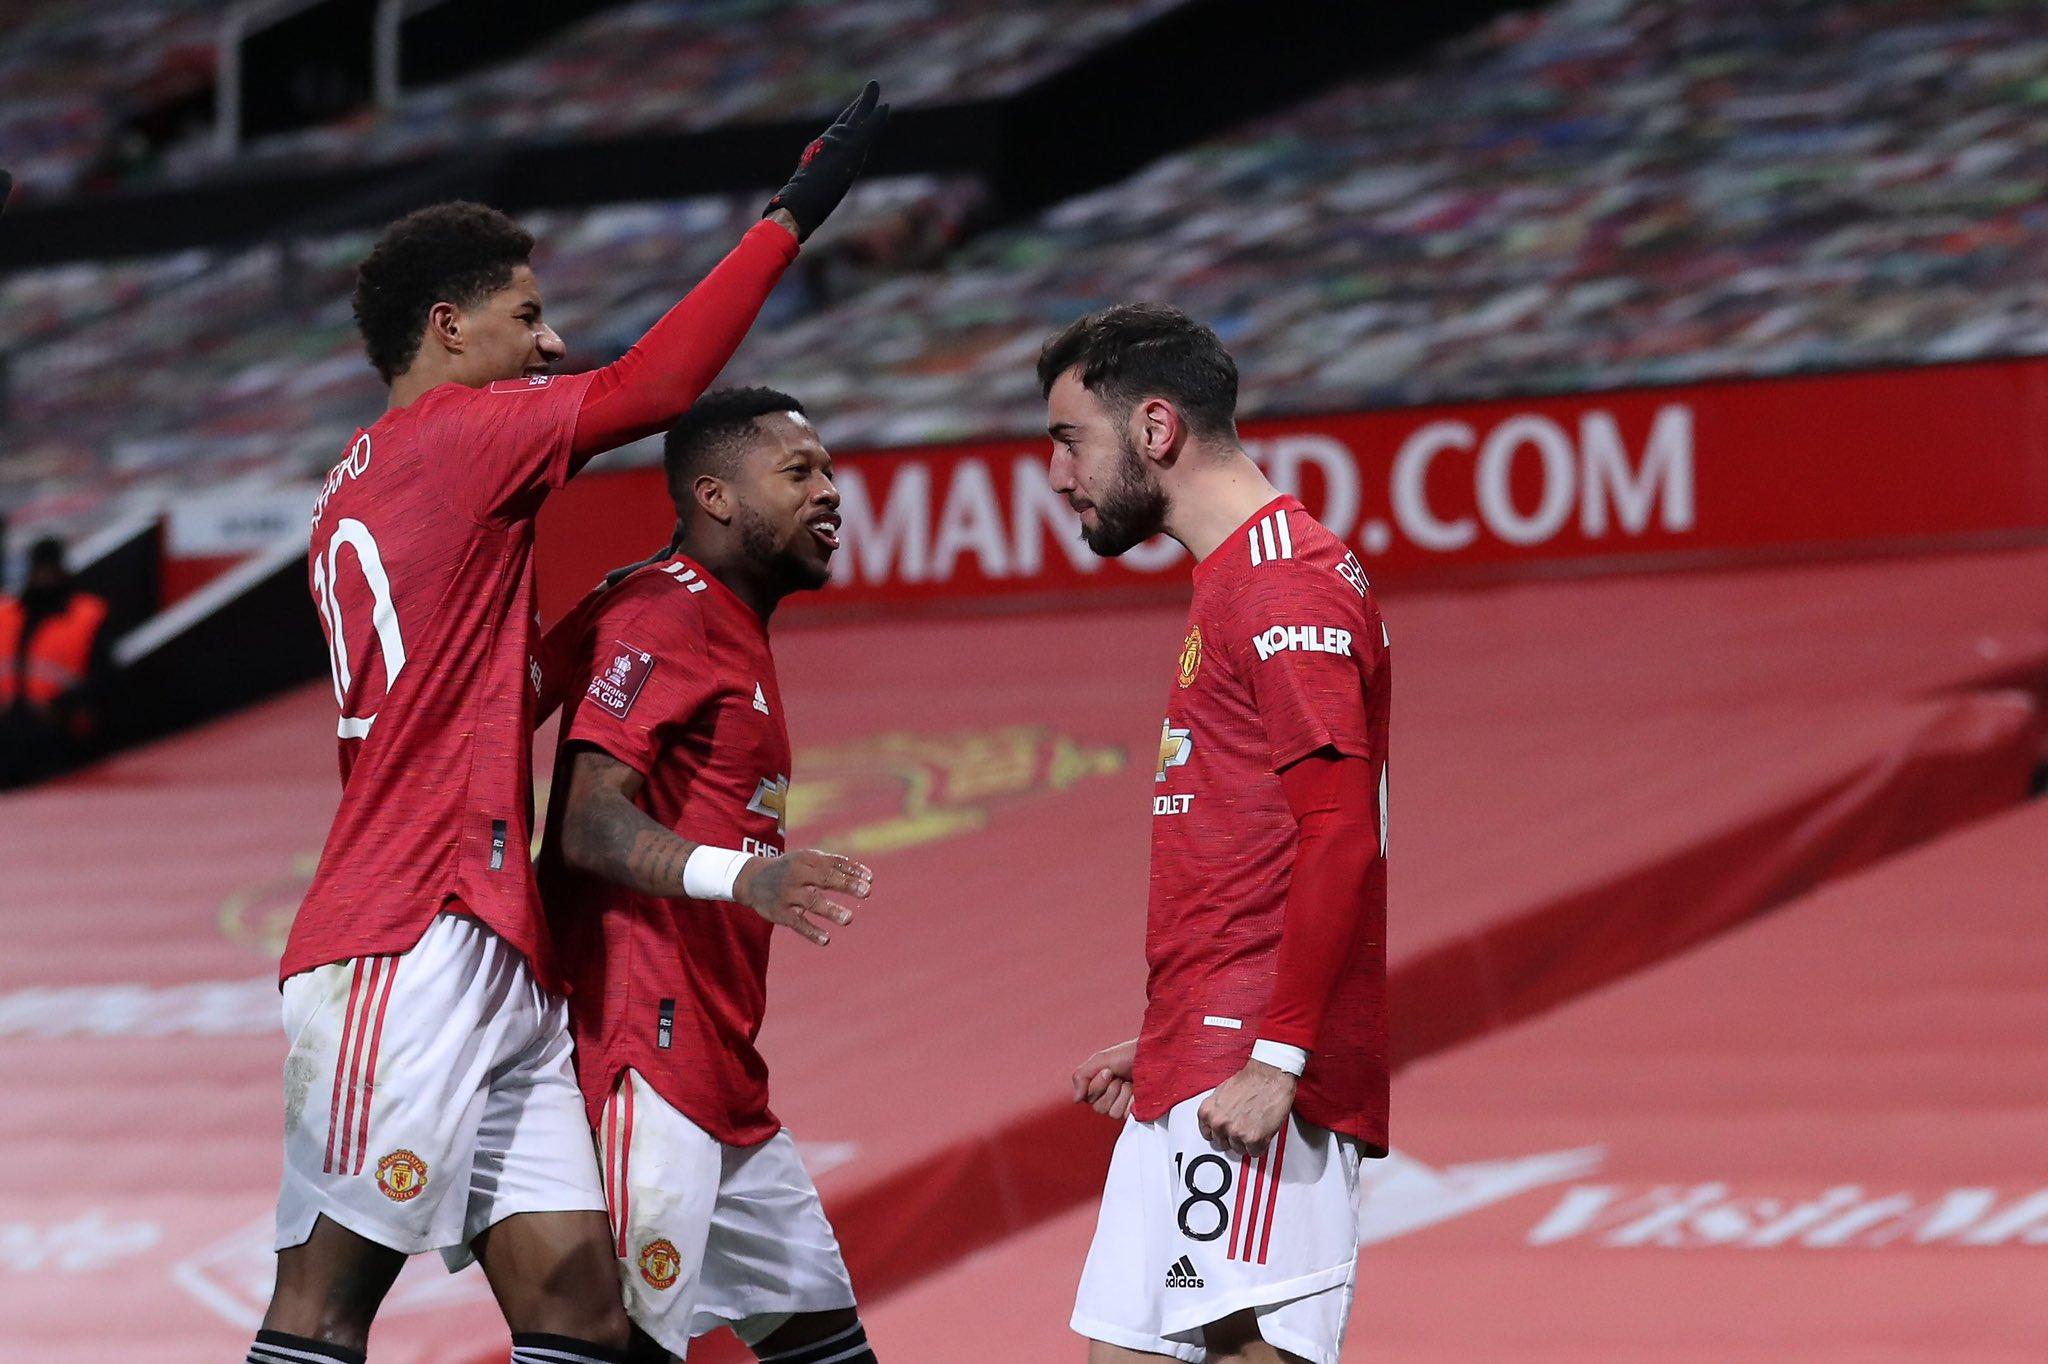 足总杯-B费替补制胜萨拉赫双响 曼联3-2逆转利物浦